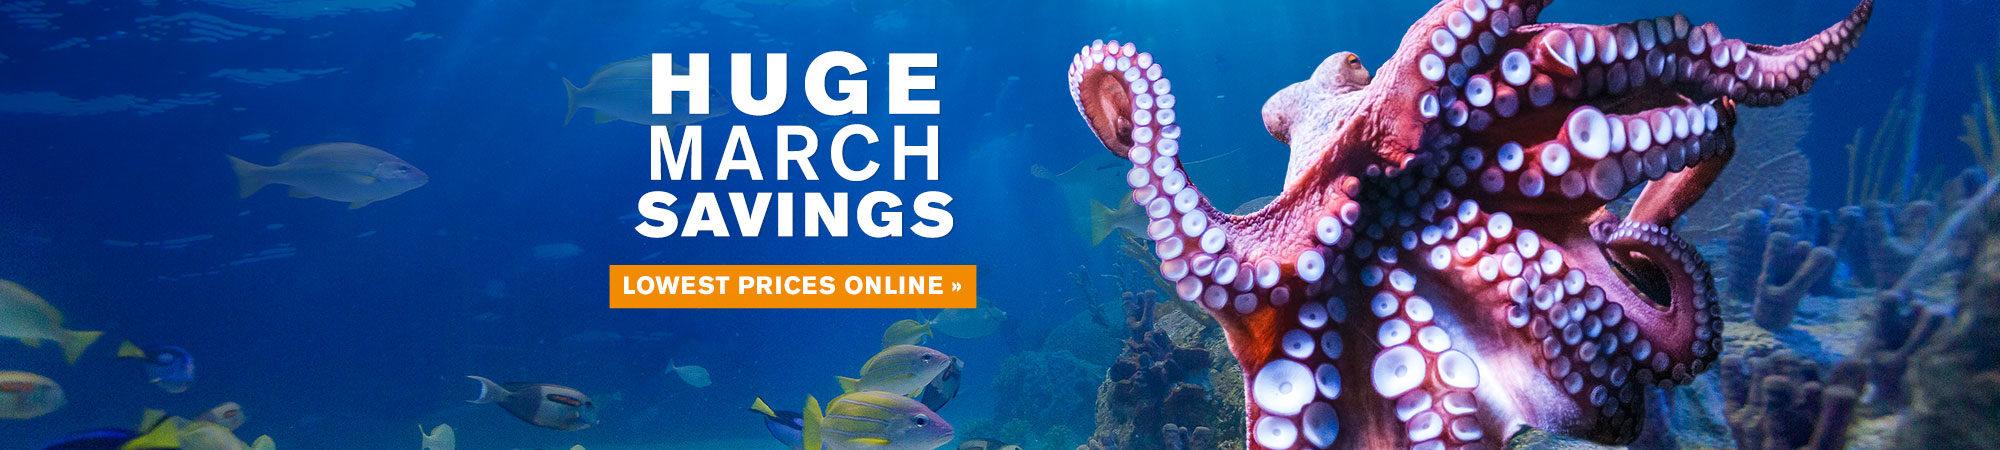 OA_Web-MarchPromo-homepageSlider